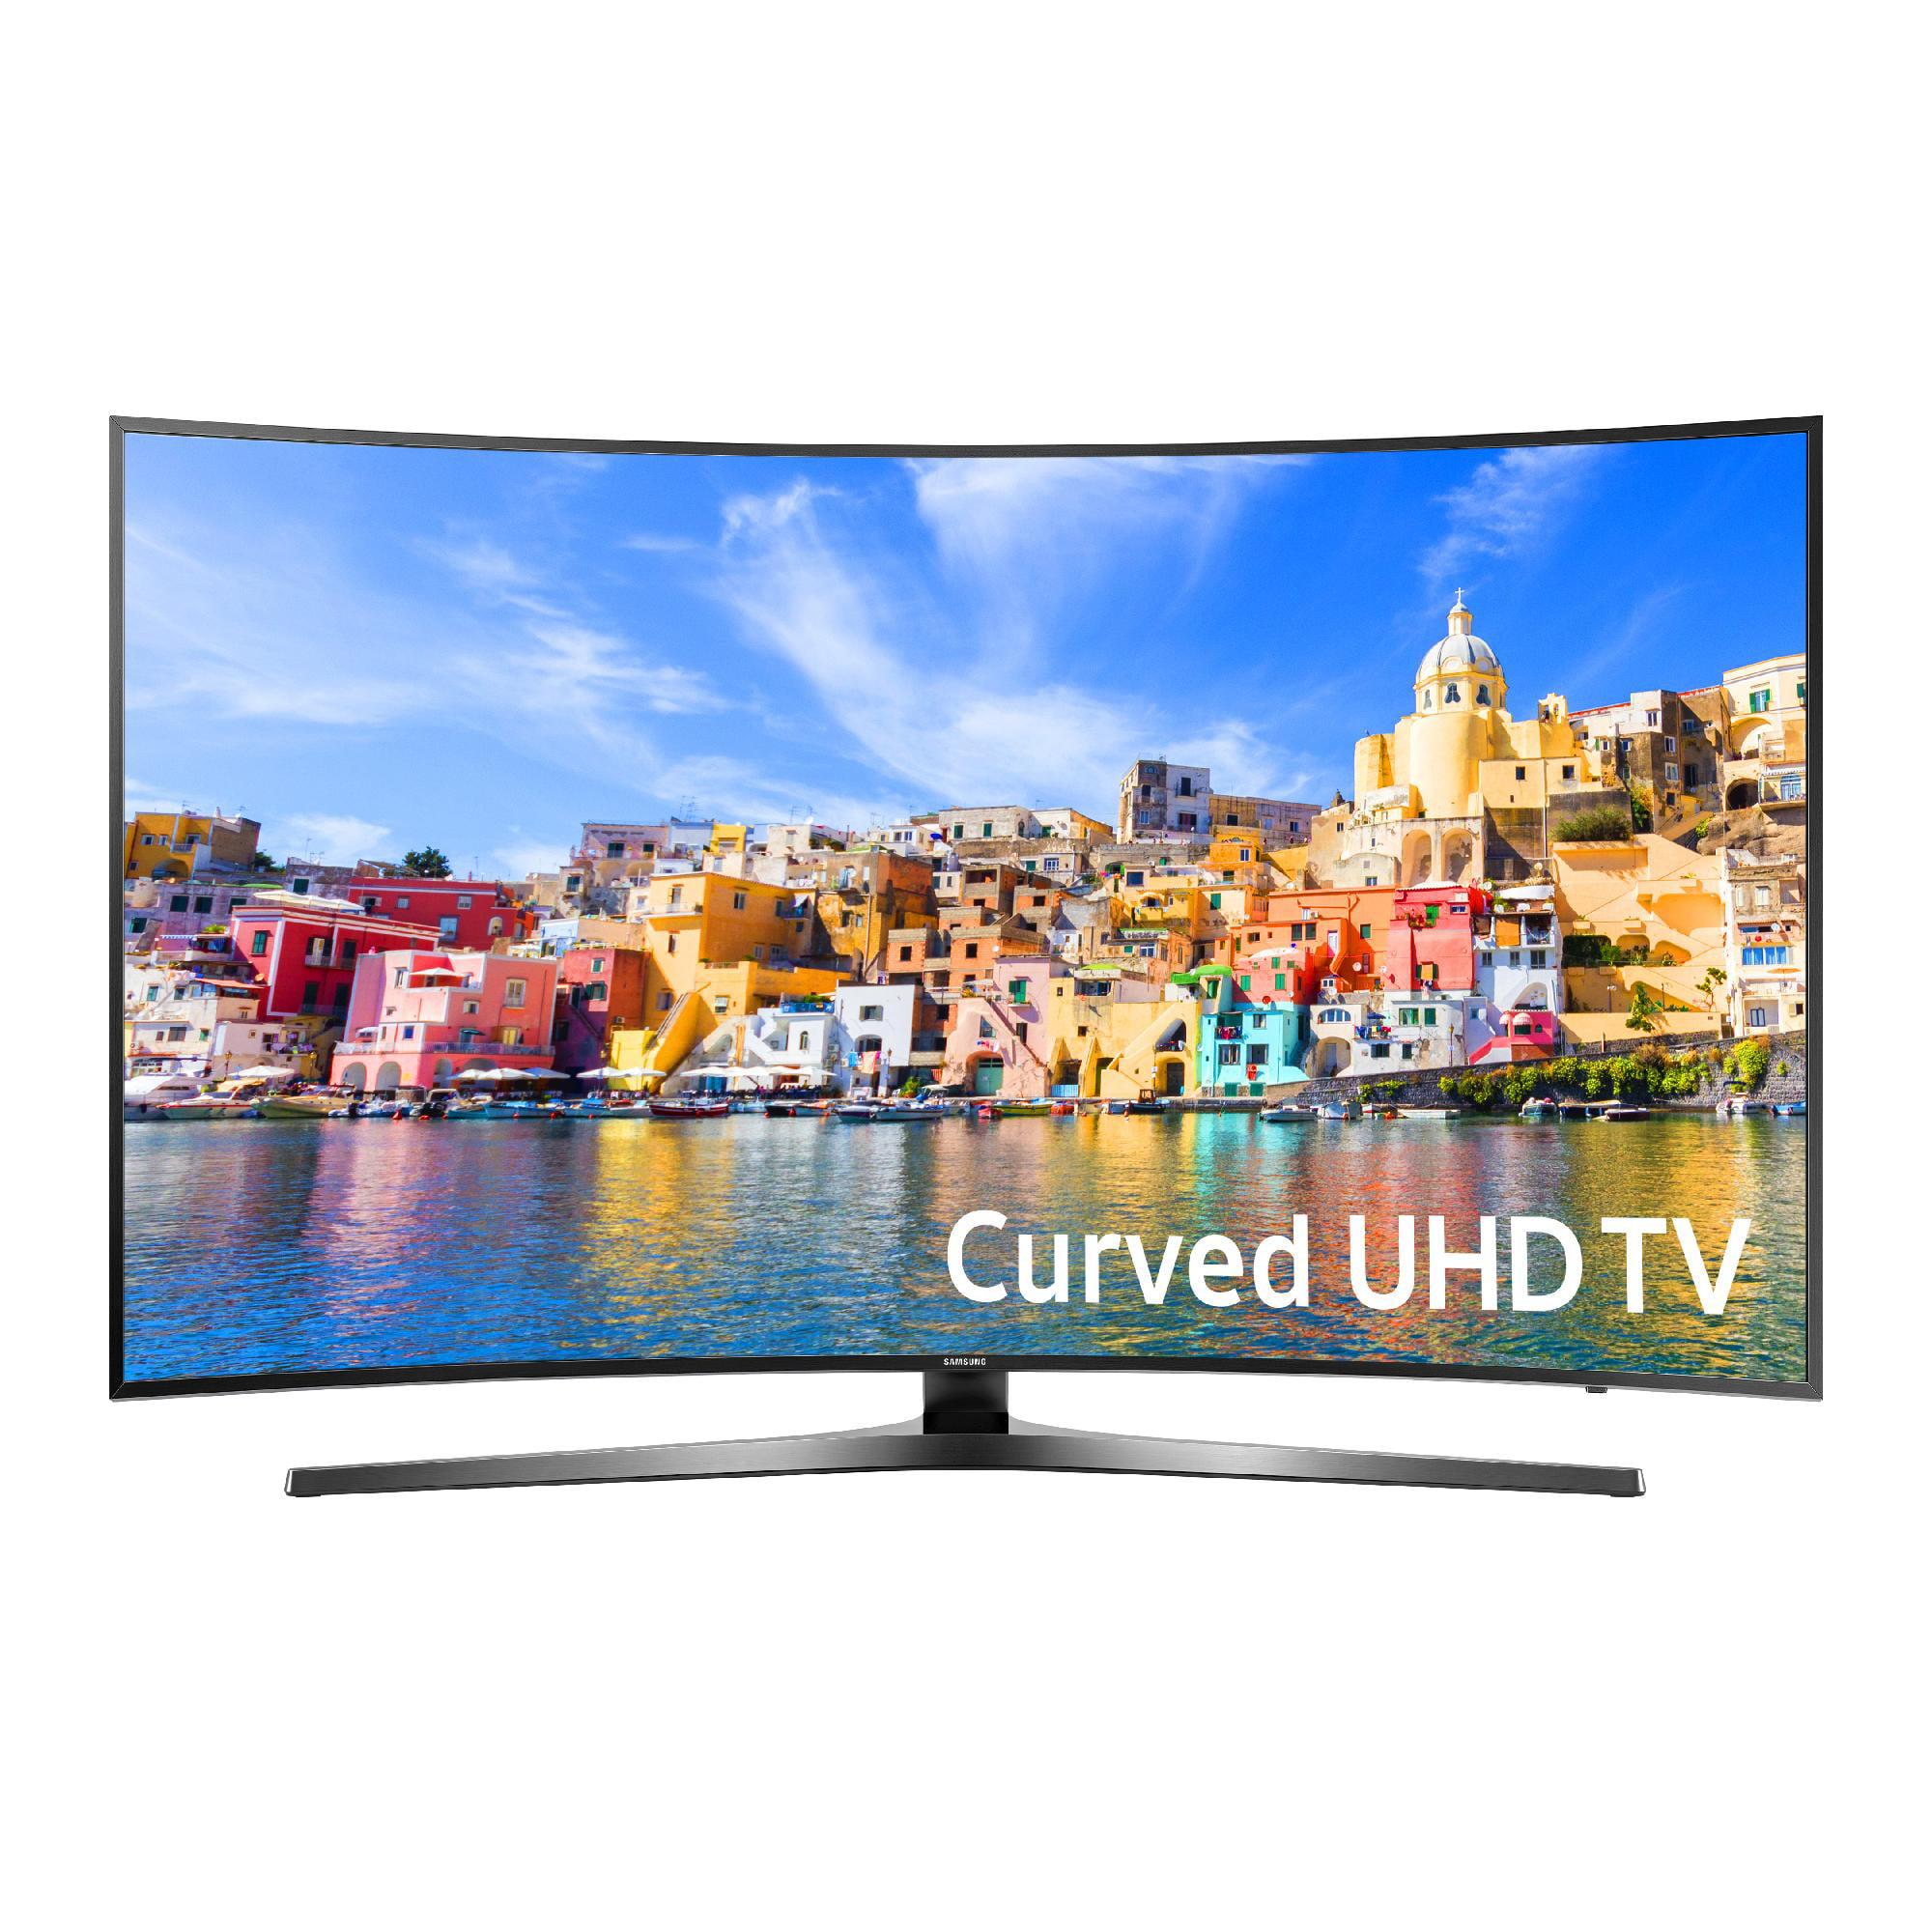 """SAMSUNG 65"""" 7500 Series - Curved 4K Ultra HD Smart LED TV - 2160p, 120MR (Model#: UN65KU7500)"""